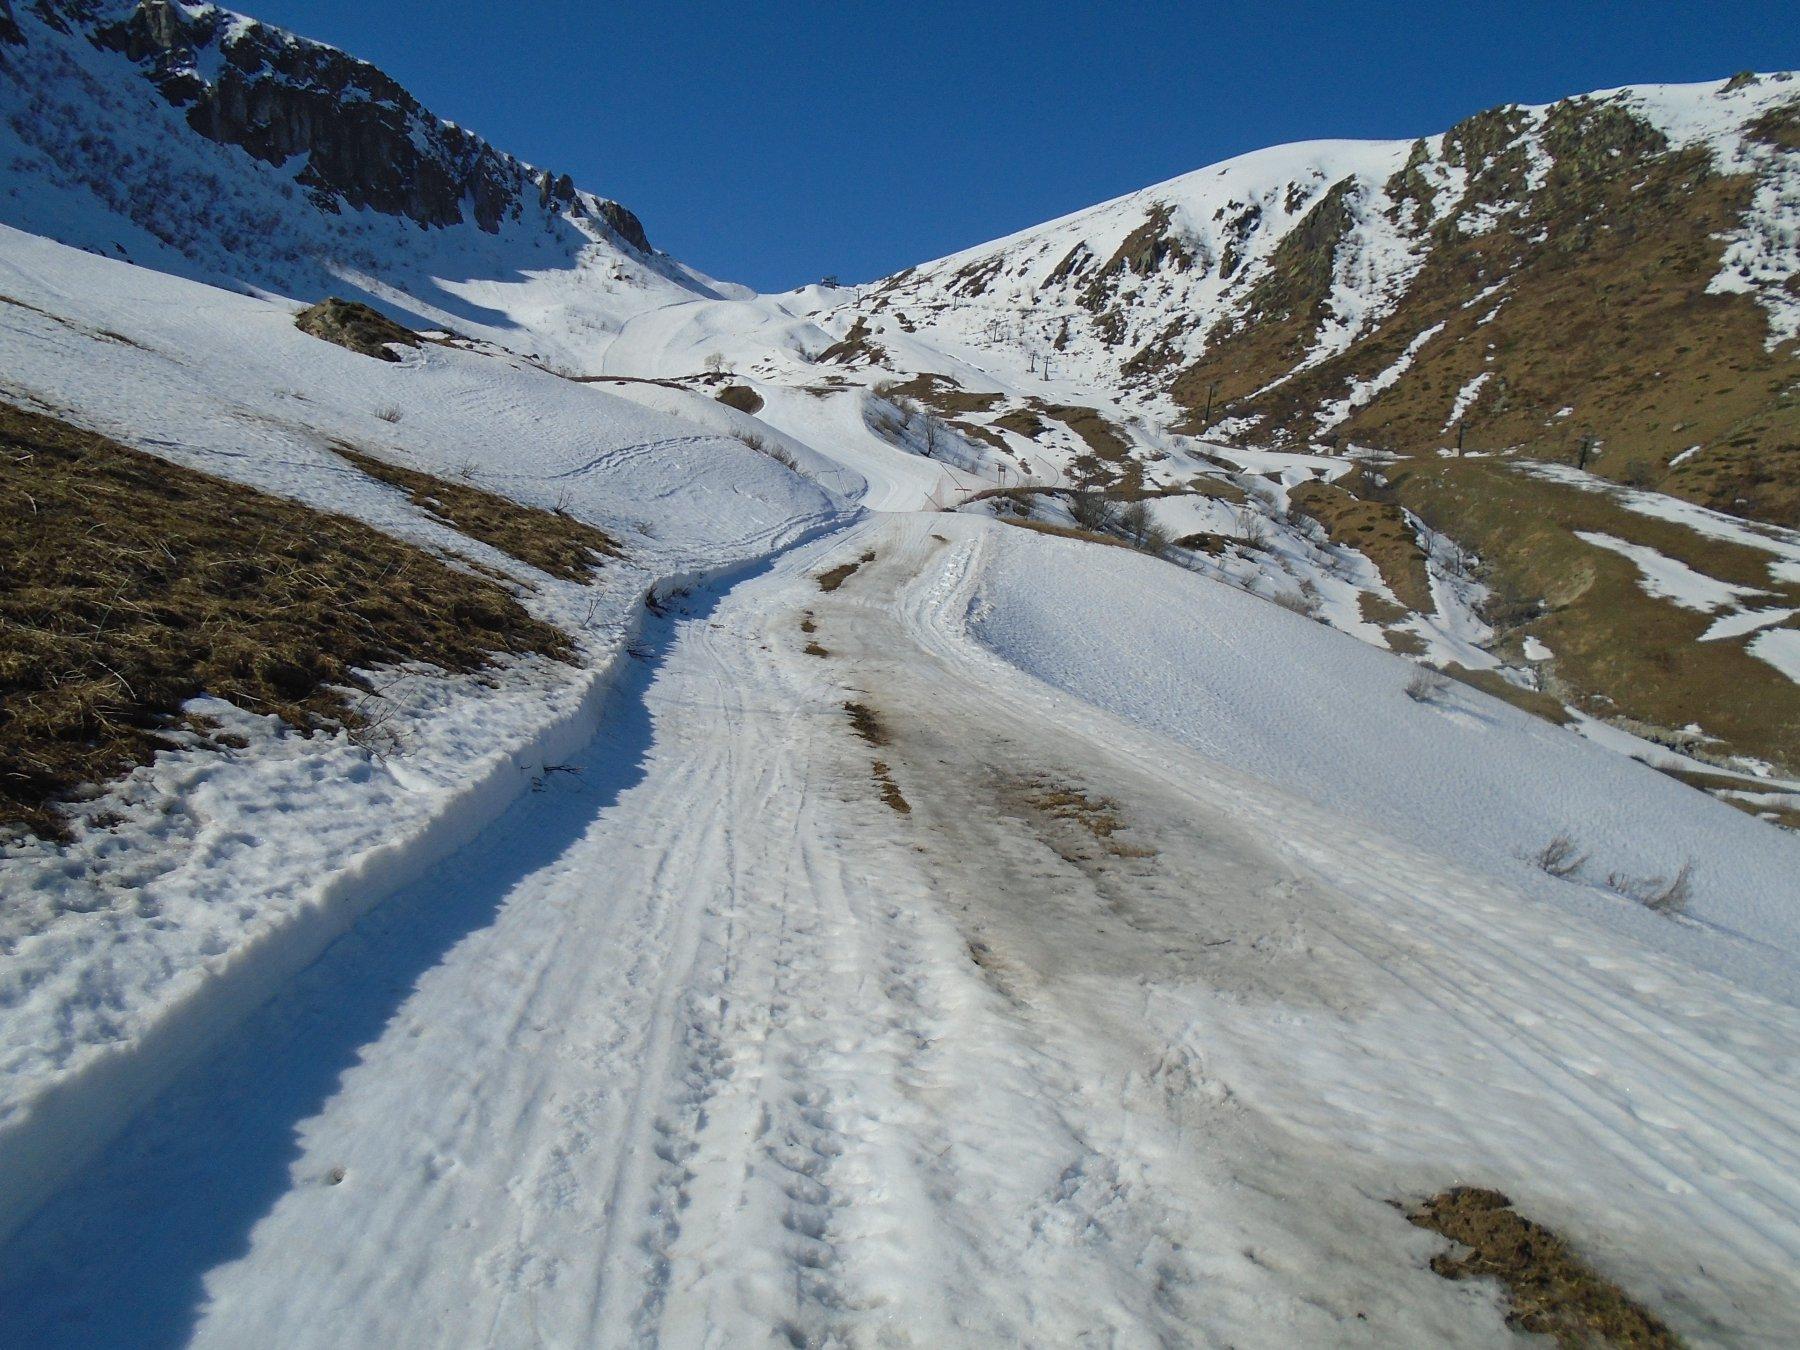 Condizioni pista verso Colla Bauzano